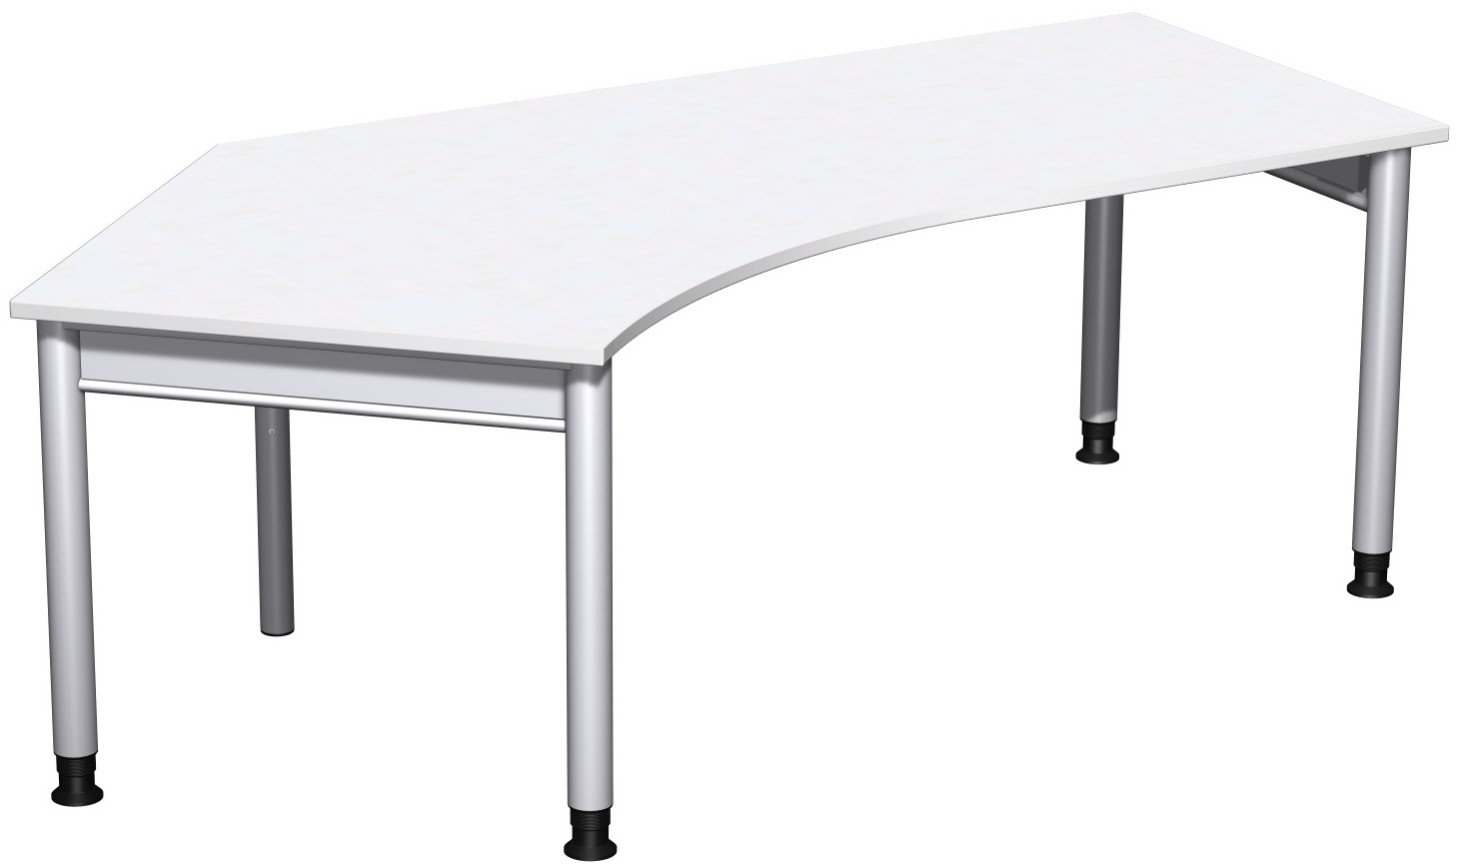 Geramöbel Schreibtisch 135° links höhenverstellbar, 2166x1130x680-820, Weiß/Silber